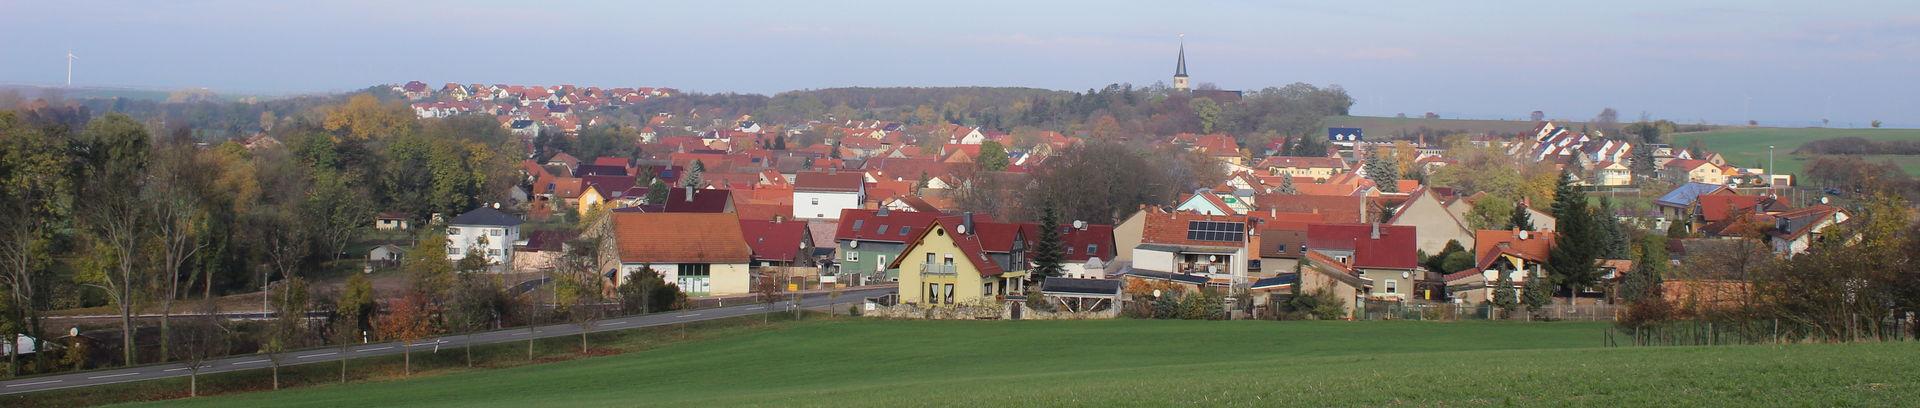 Gemeinde Riethnordhausen